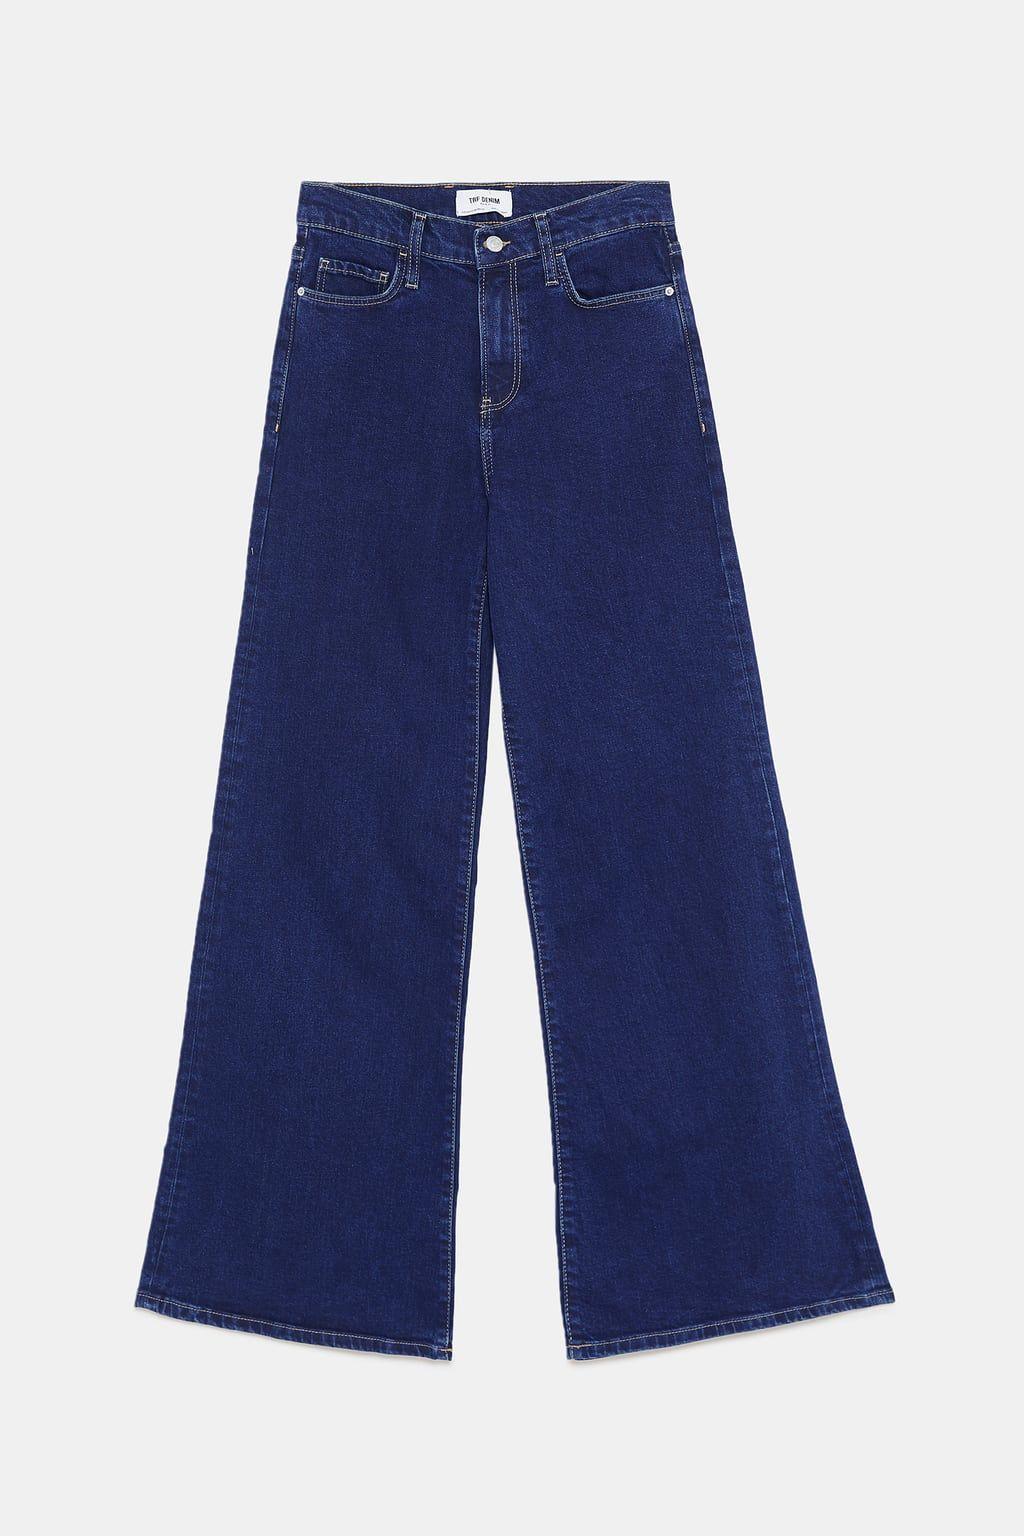 economico per lo sconto 95d00 65eef Hi-rise palazzo jeans in 2020   Jeans, Zara, Fashion